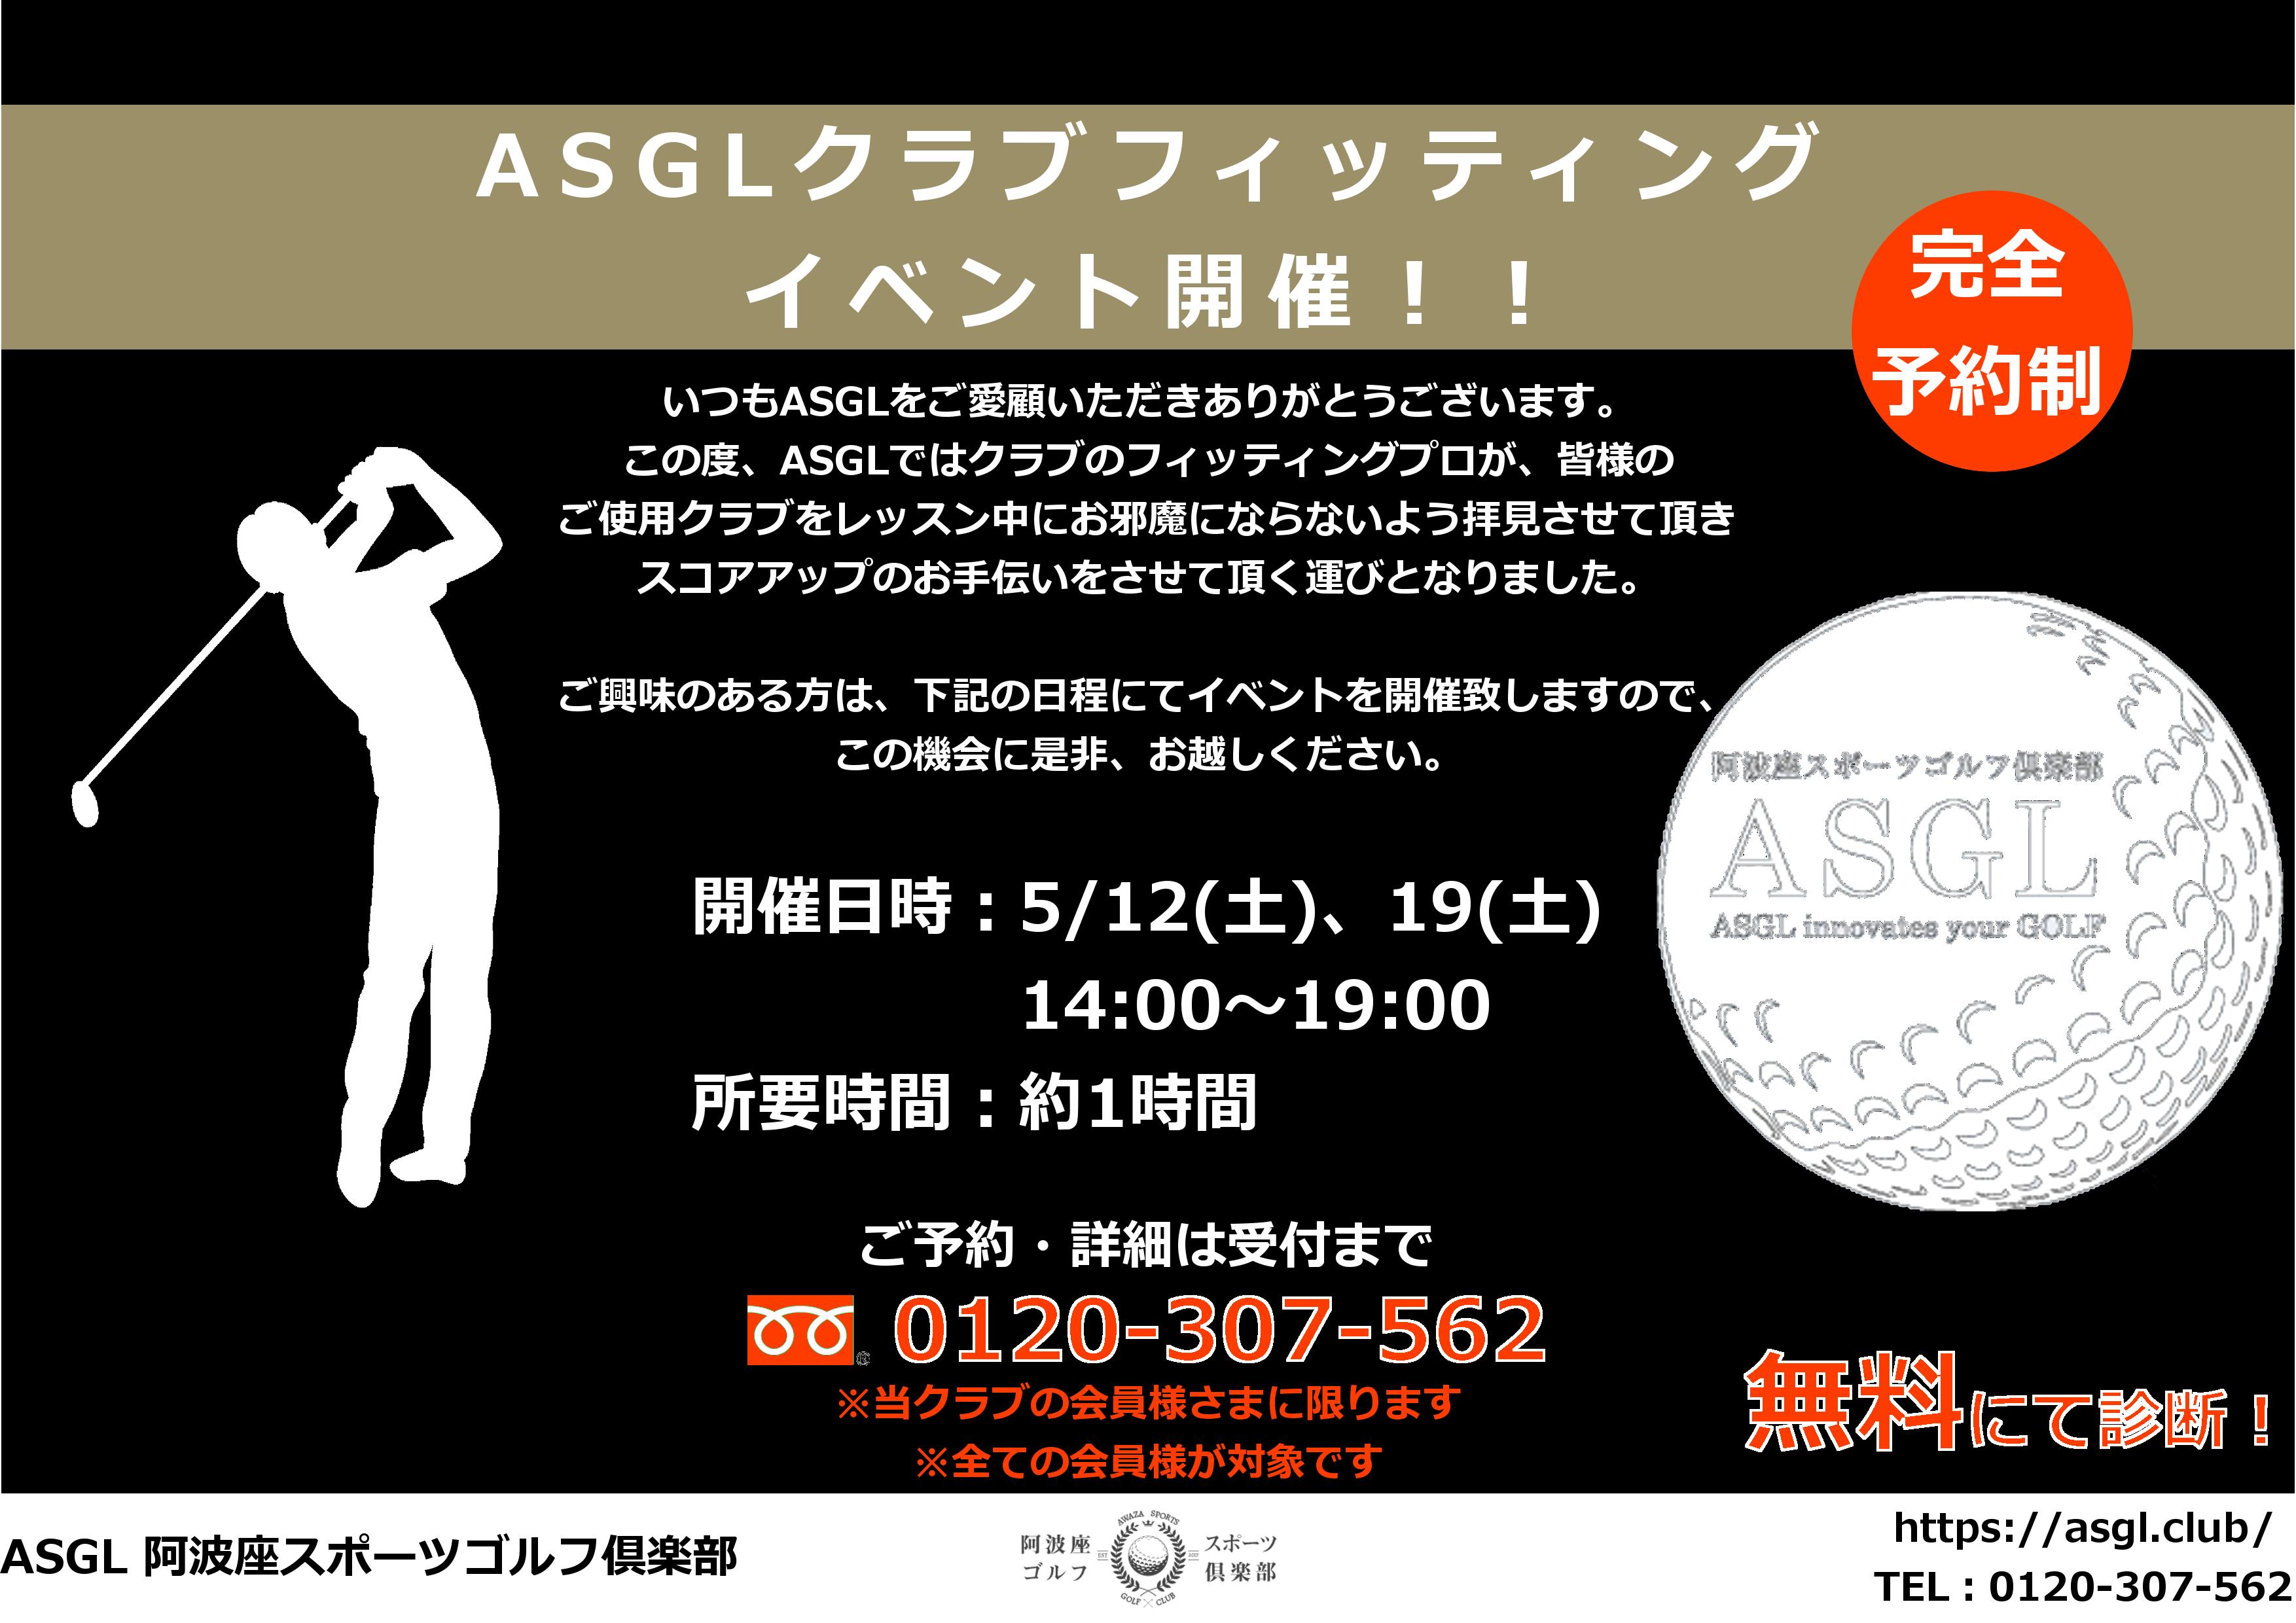 ASGLクラブフィッティングイベント開催